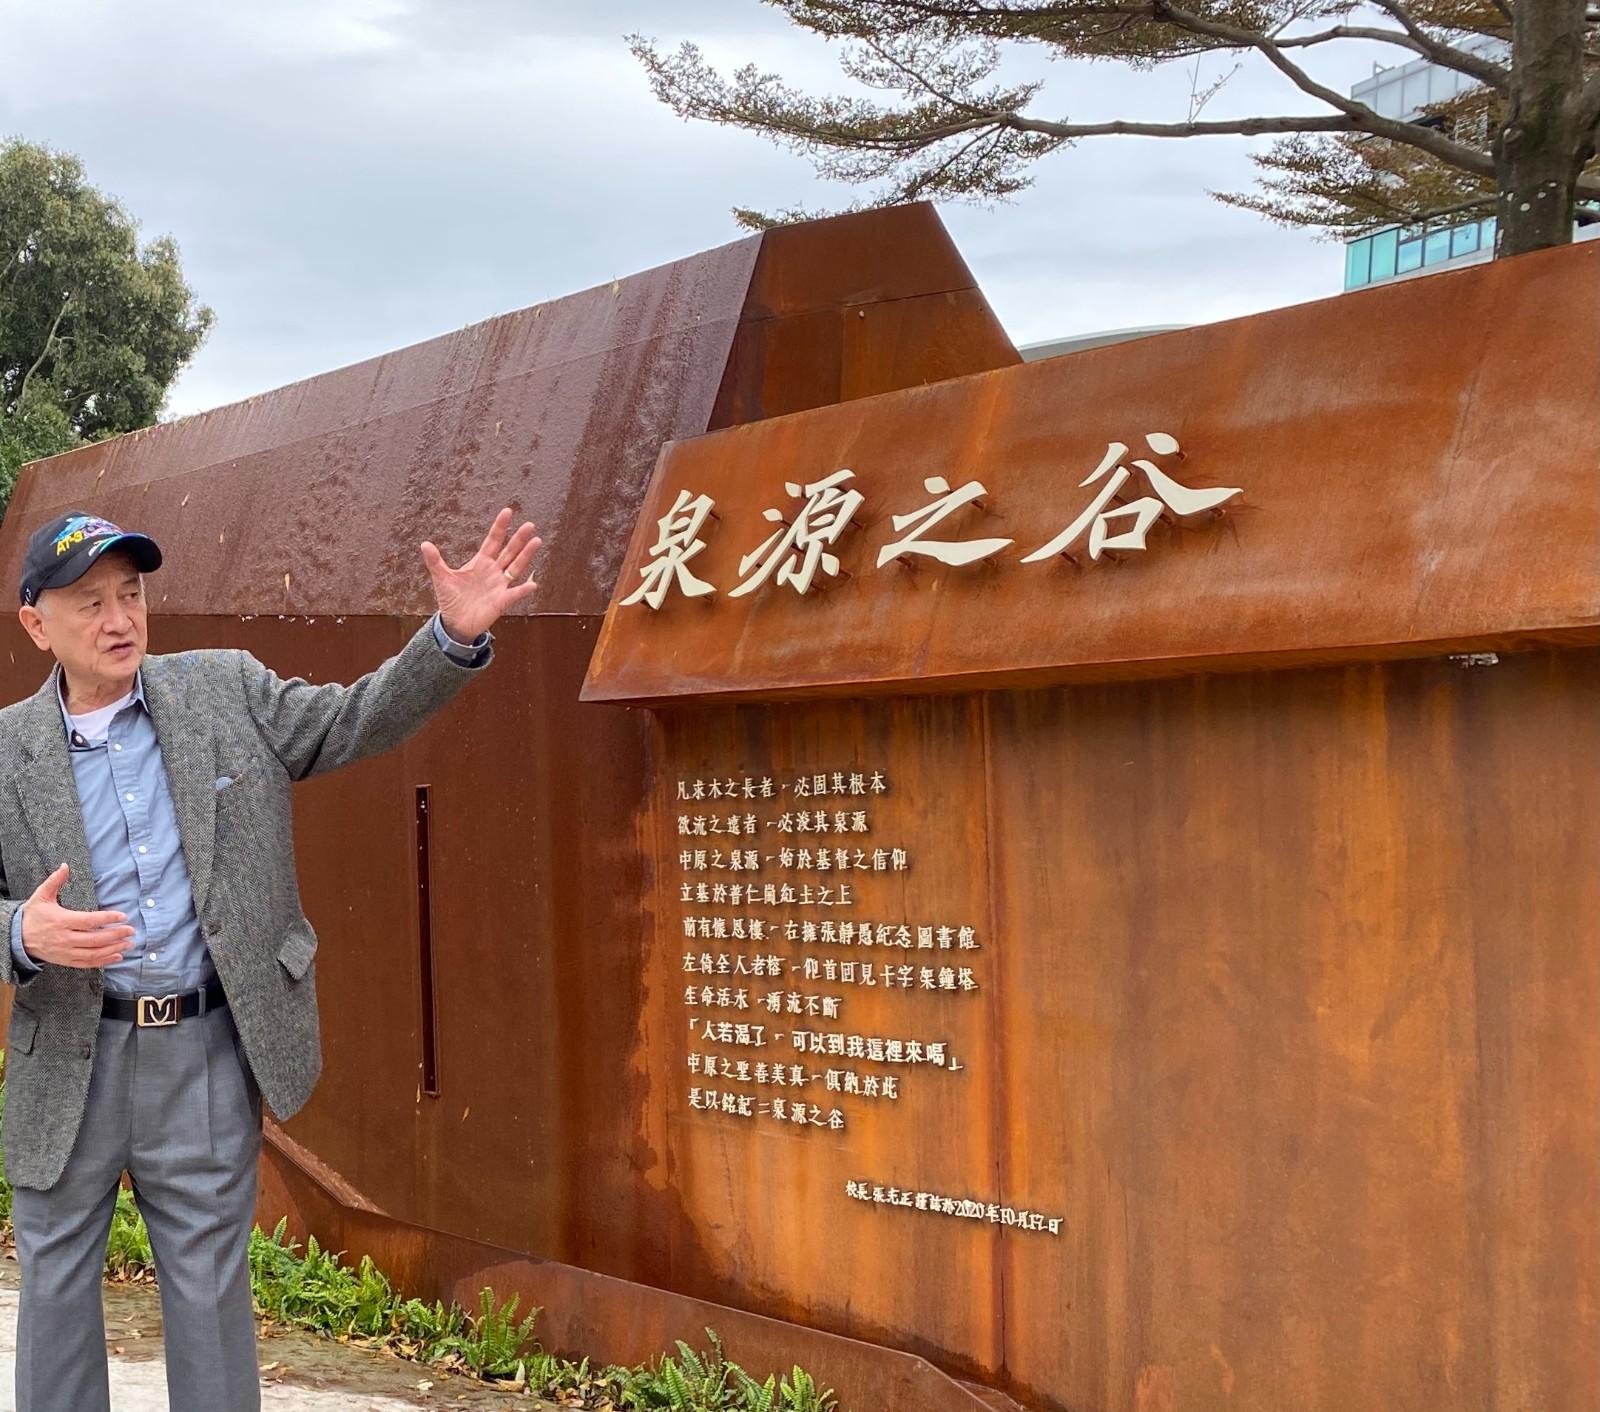 中原大學名譽校長張光正讚美「泉源之谷」之設計象徵正在這片紅土成長茁壯的中原。.jpg